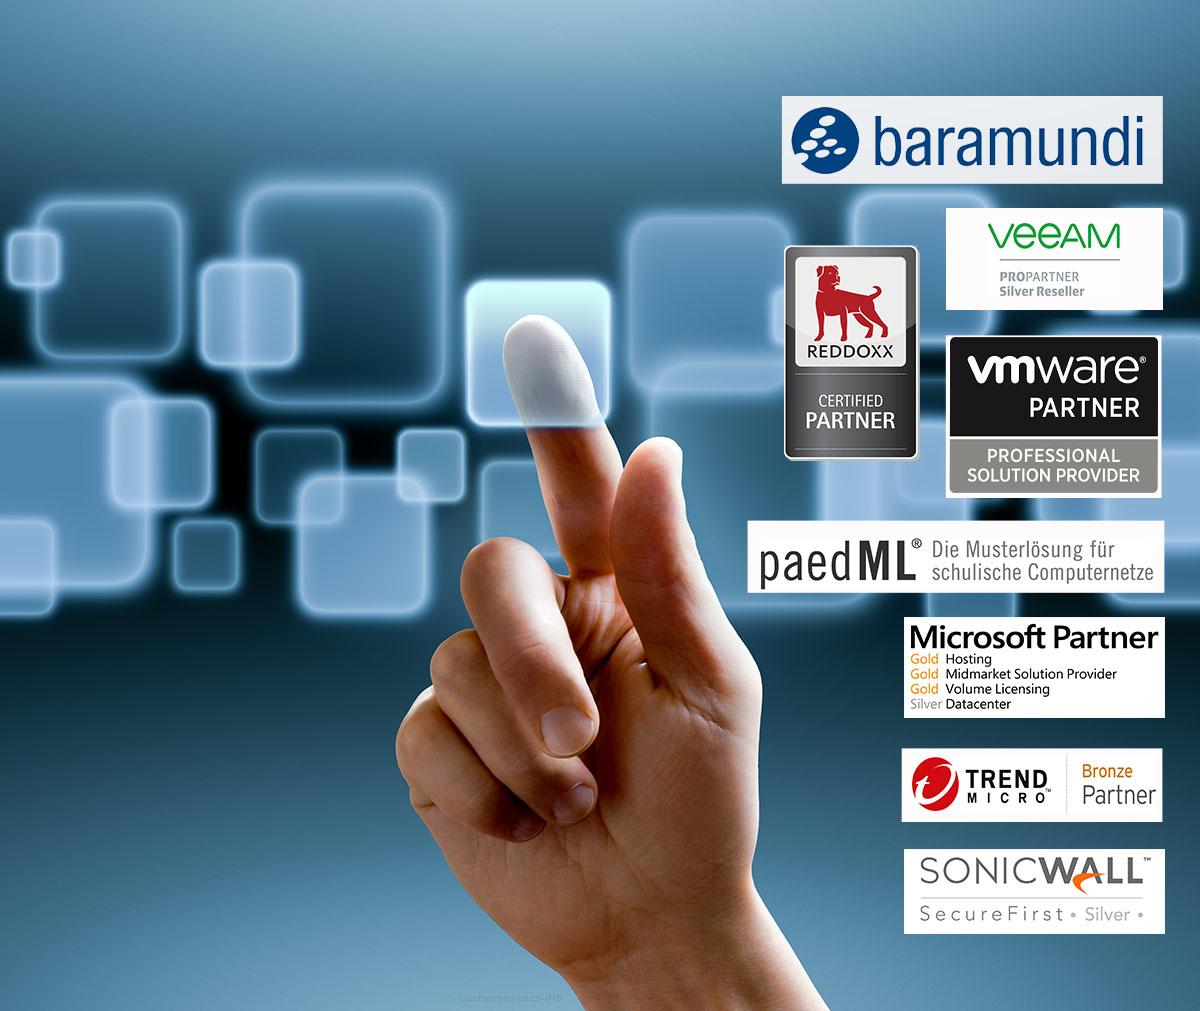 Vmware partnersuche